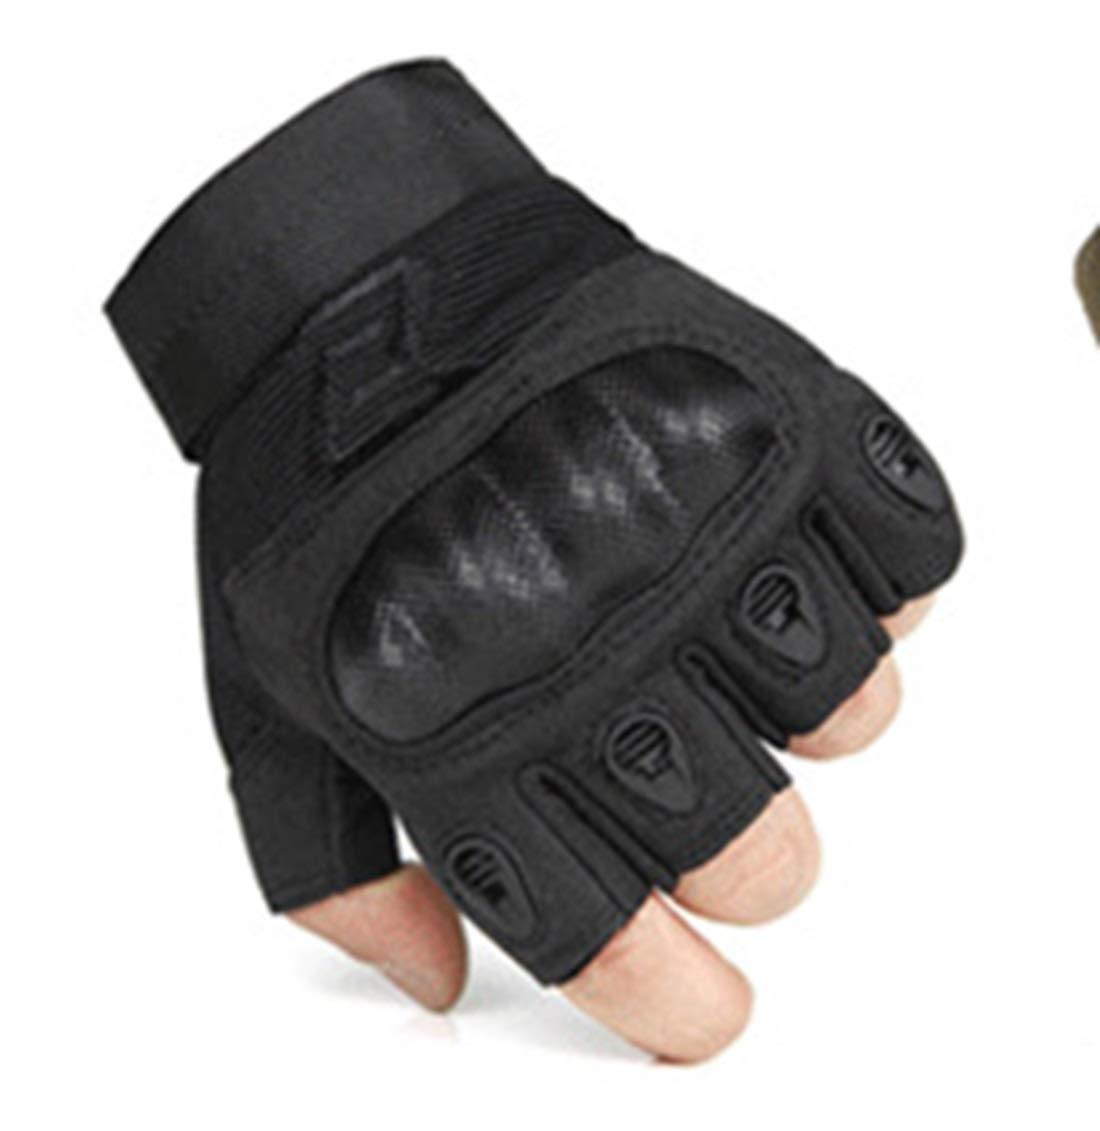 GSAYONEE Faser Rüstung Taktische Handschuhe Radfahren Klettern Ausbildung Taktische Vollfinger-Handschuhe Taktische Ausbildung Rüstung Schutzhandschuhe (Farbe   Military Grün Half Finger, Größe   XL) 444e32